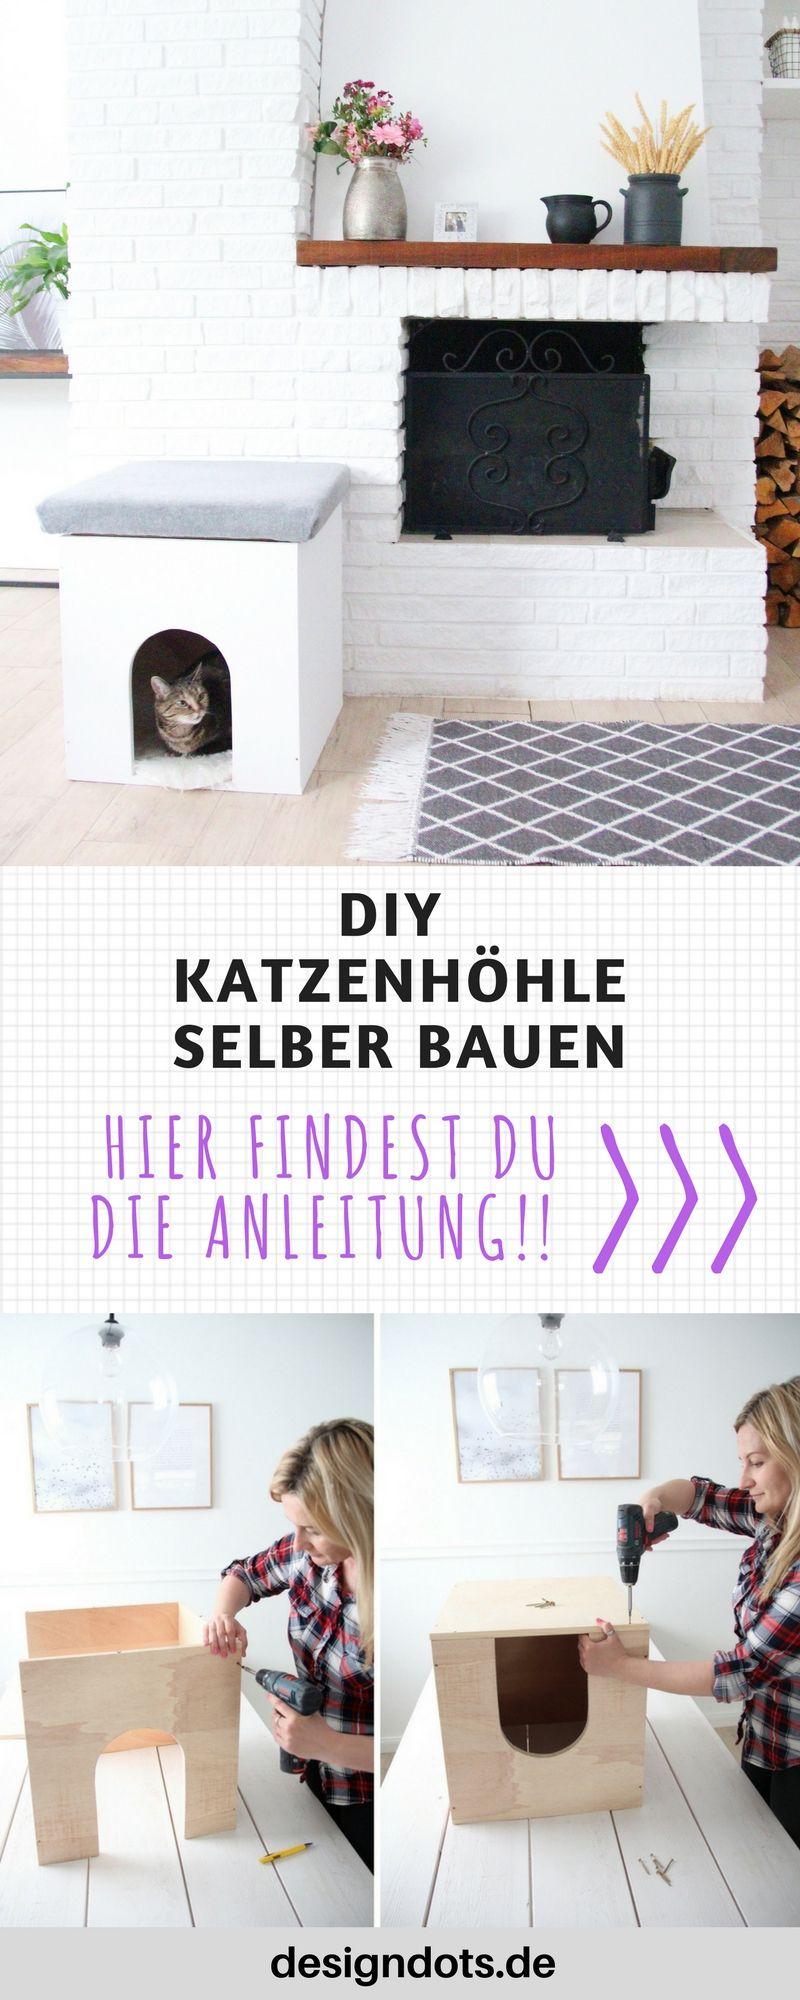 gemütliche katzenhöhle selbst bauen | design dots blog und zuhause